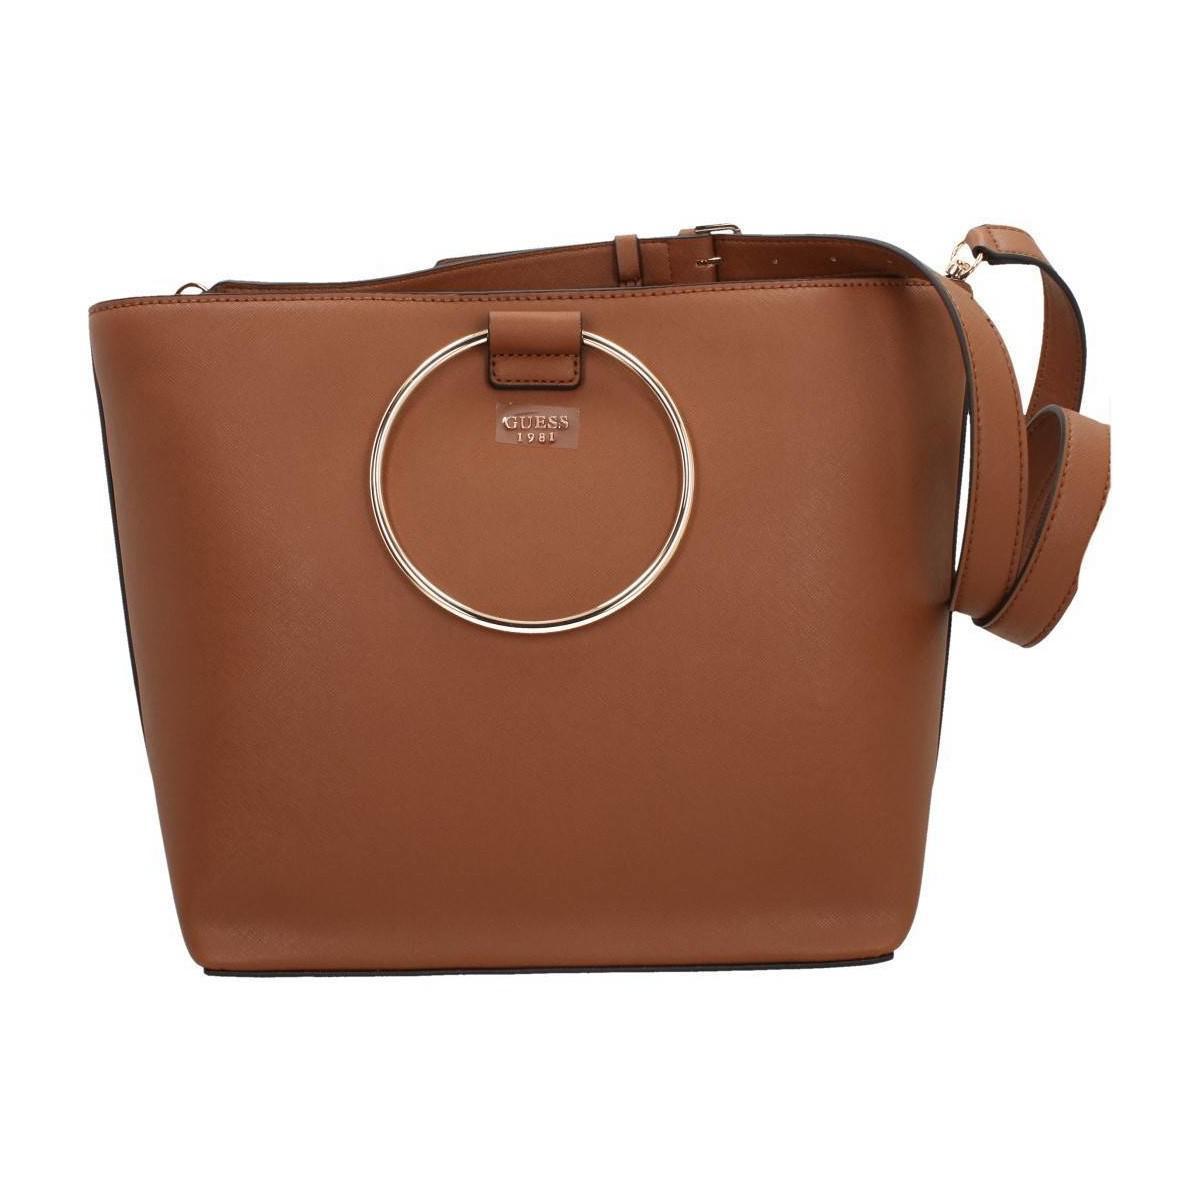 b9adb1d5f395 Guess Keaton Tote Women s Shoulder Bag In Brown in Brown - Lyst